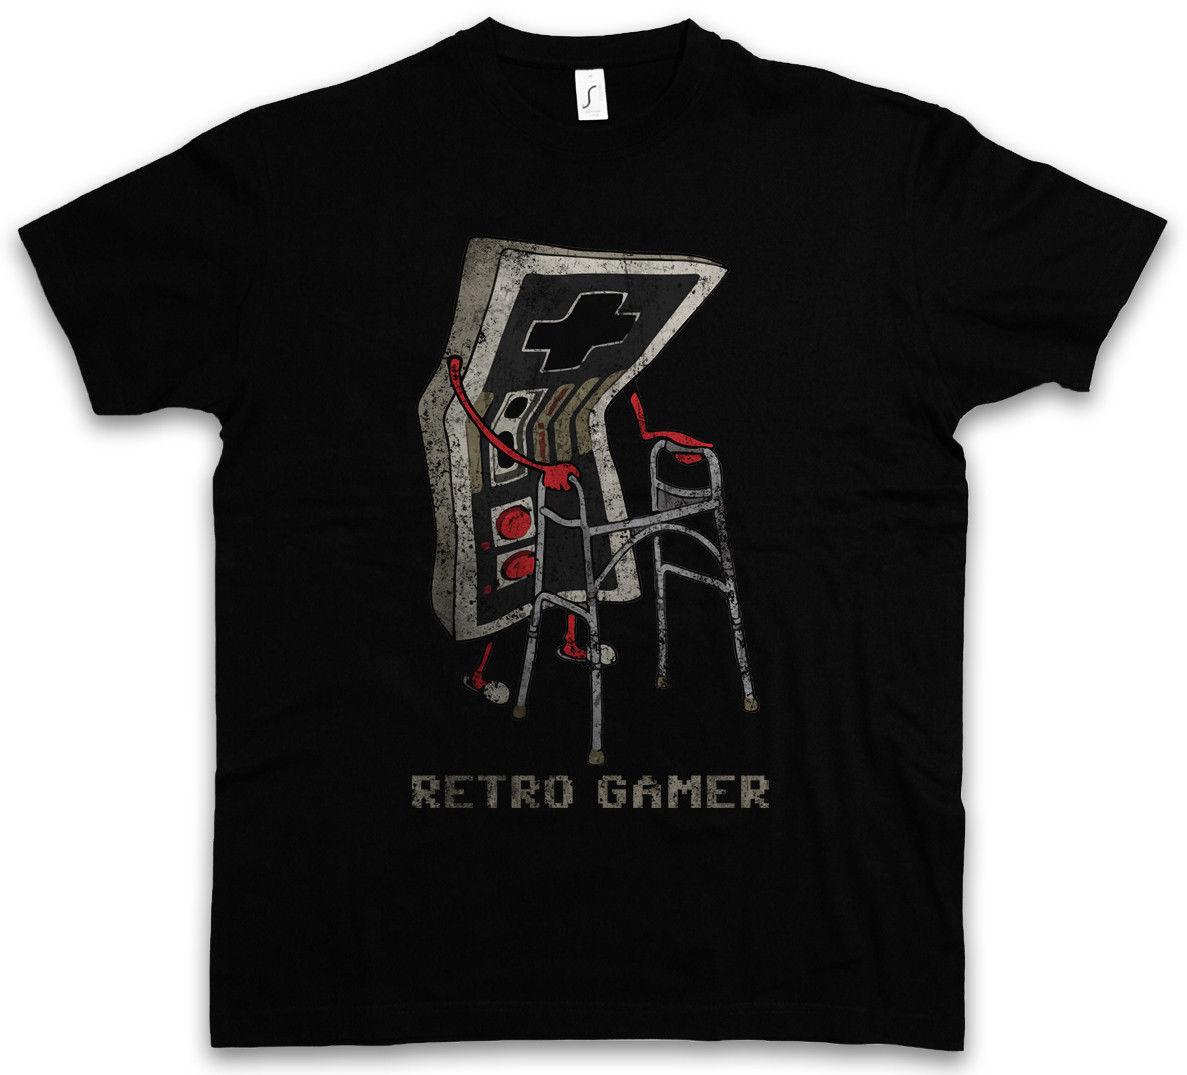 Short sleeve t shirt RETRO GAMER T-SHIRT Gaming Admin PC Fun Shirt Grandfather Opa Geek Nerd Freak